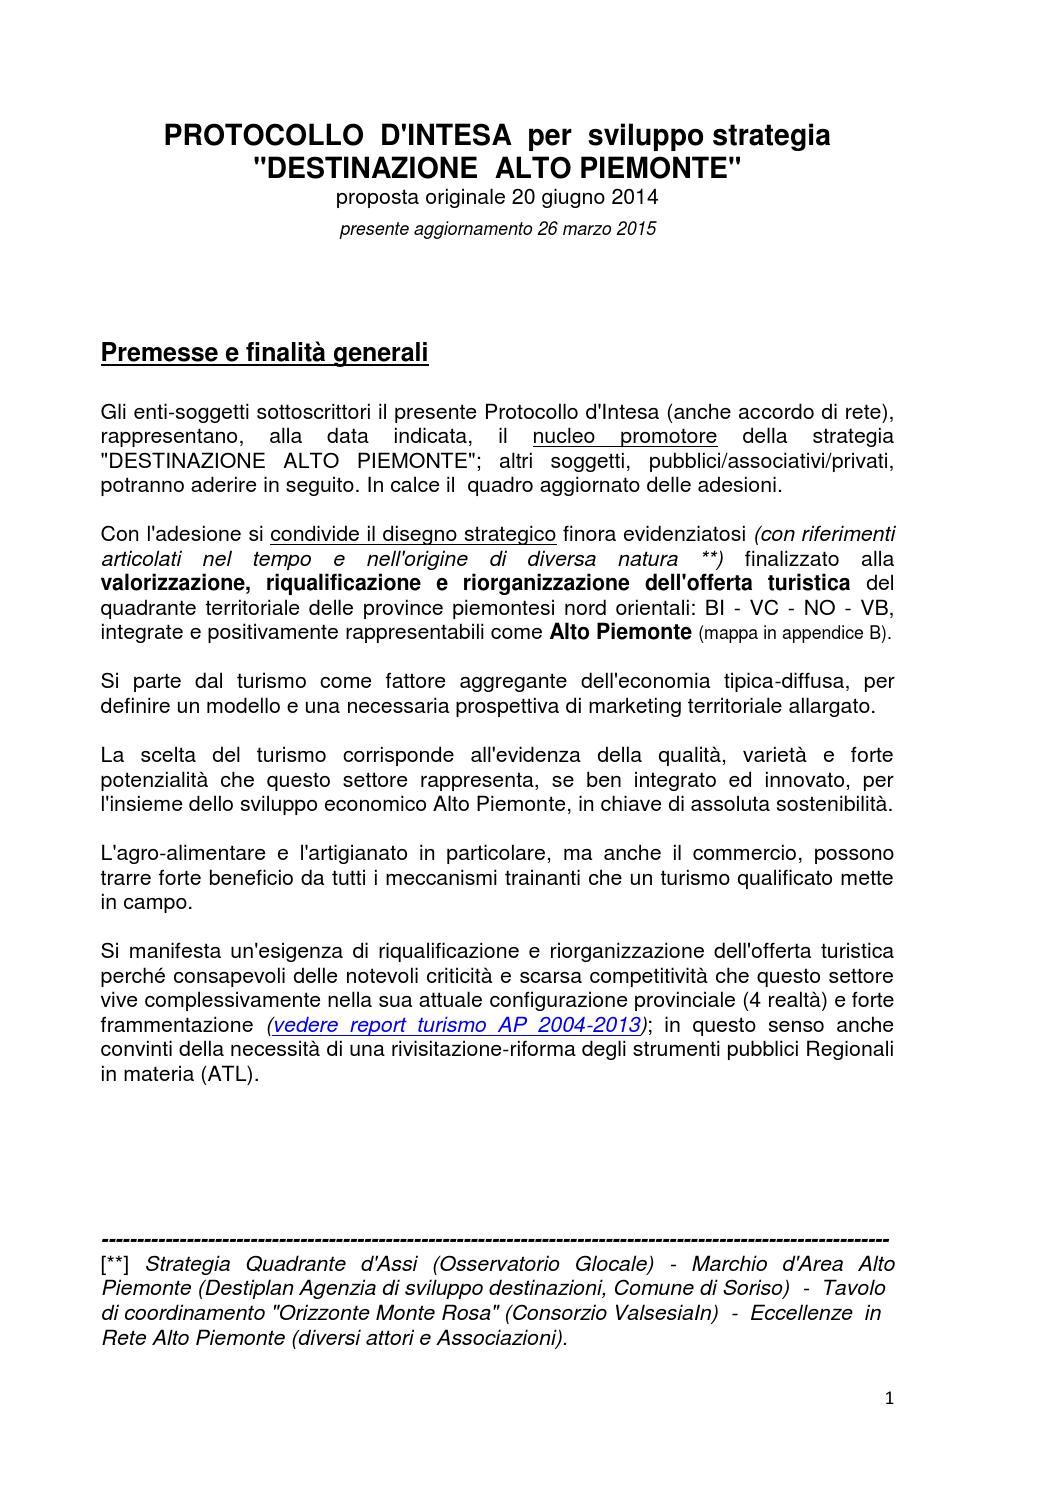 Protocollo d'Intesa AP by Destinazione Alto Piemonte - issuu